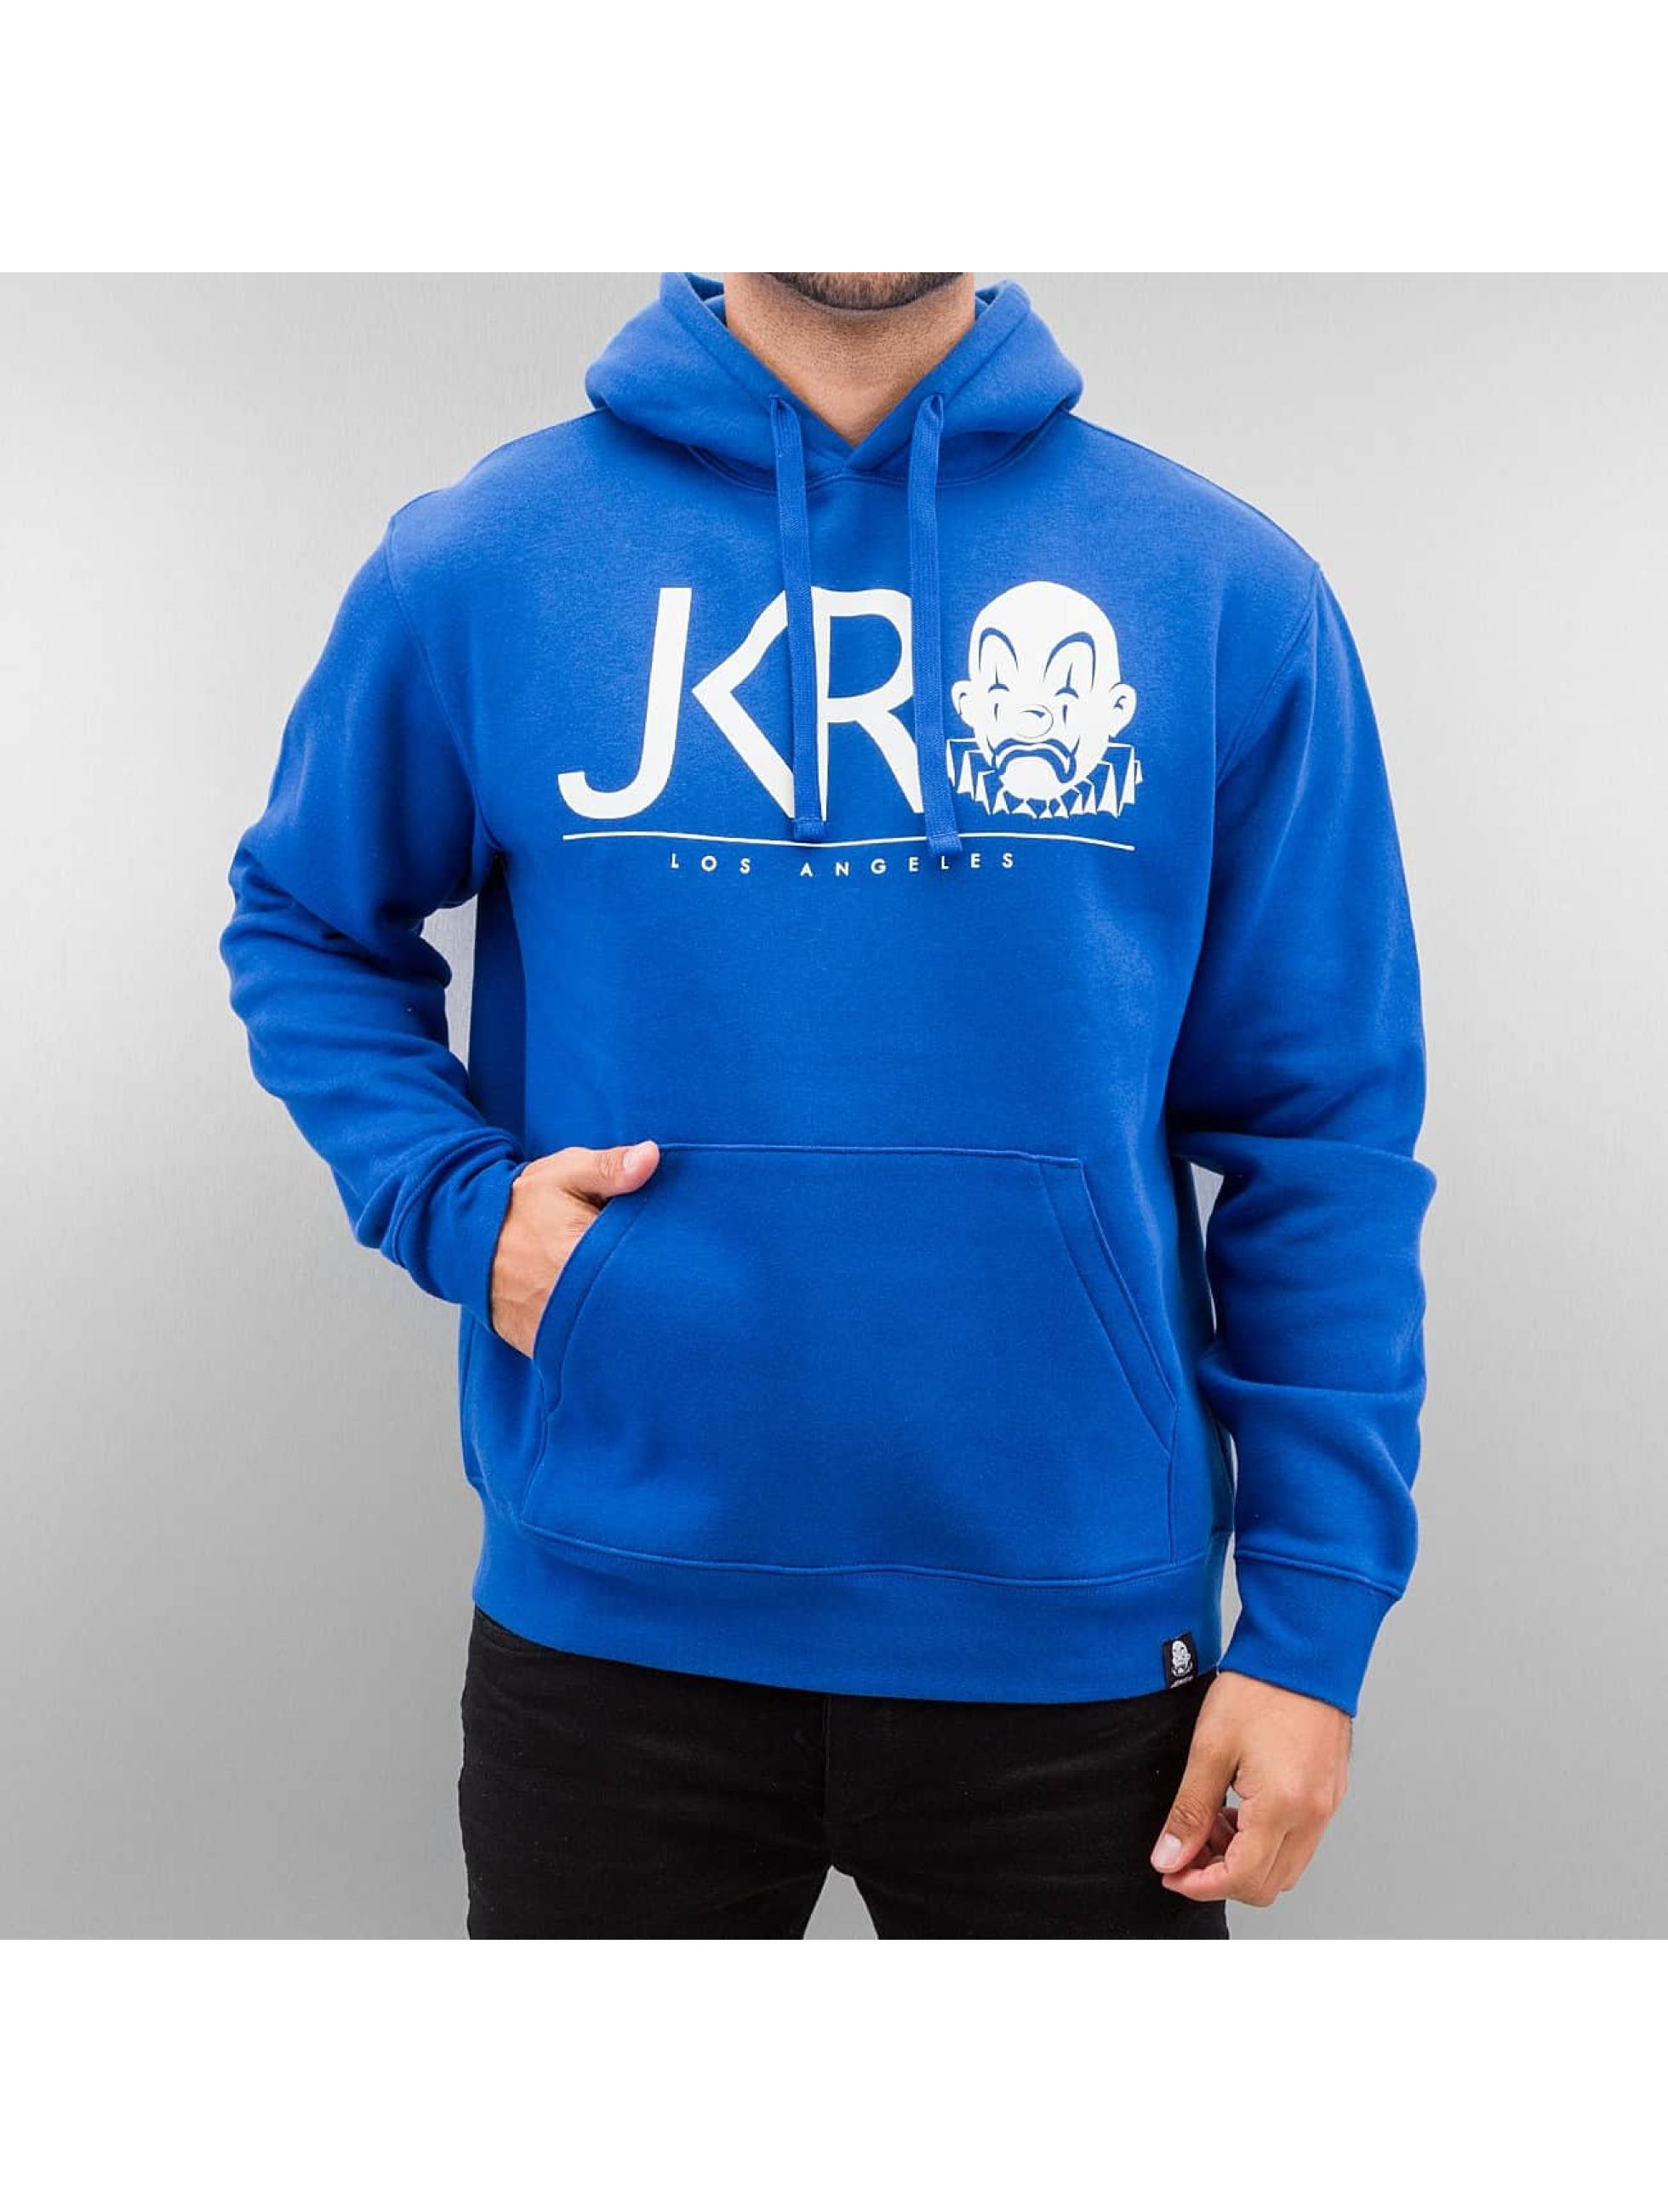 Hoody JKR in blau